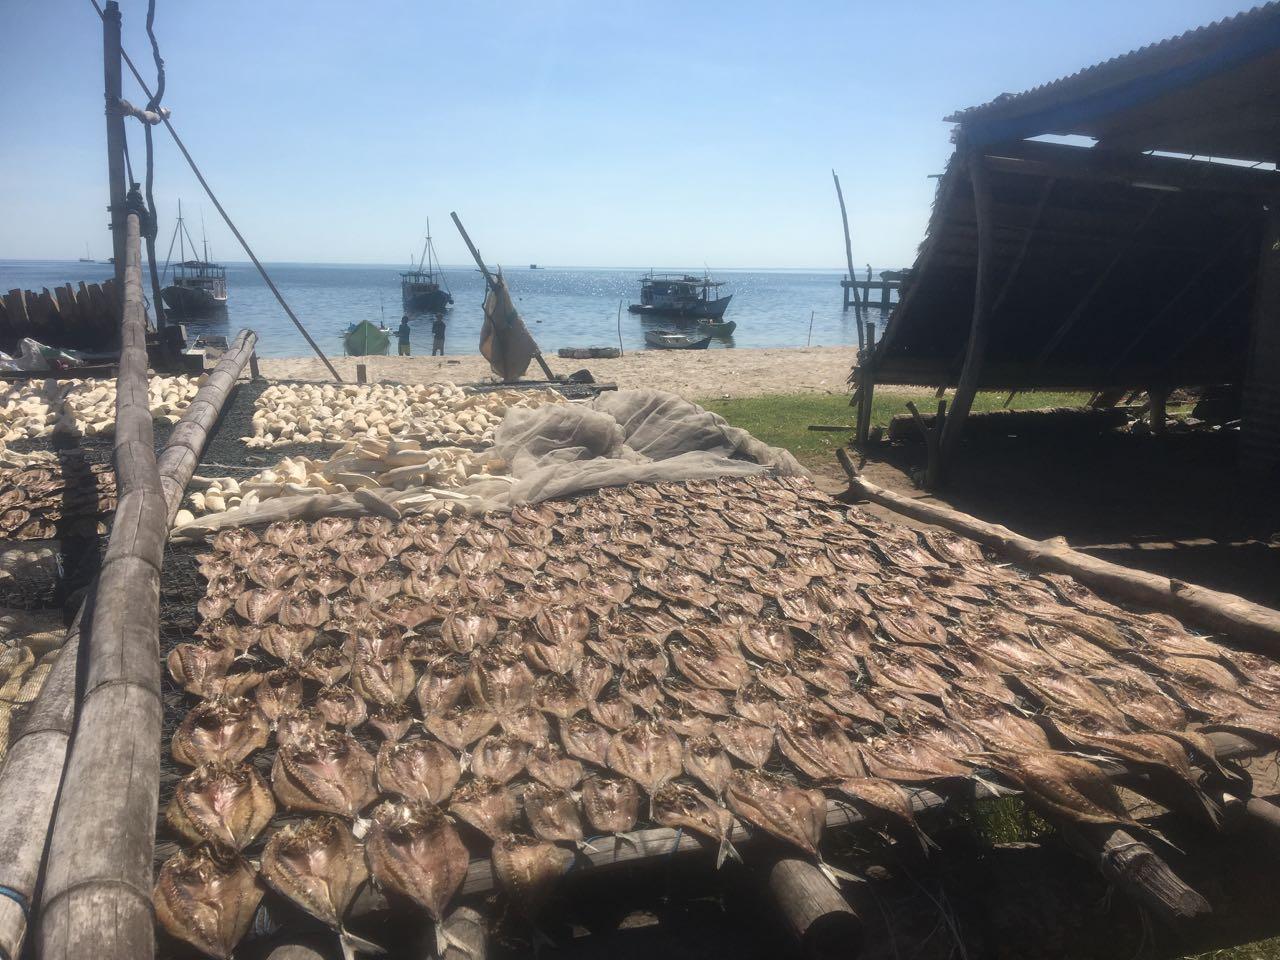 Hier wird Fisch getrocknet, um ihn später an die grösseren Inseln zu verkaufen